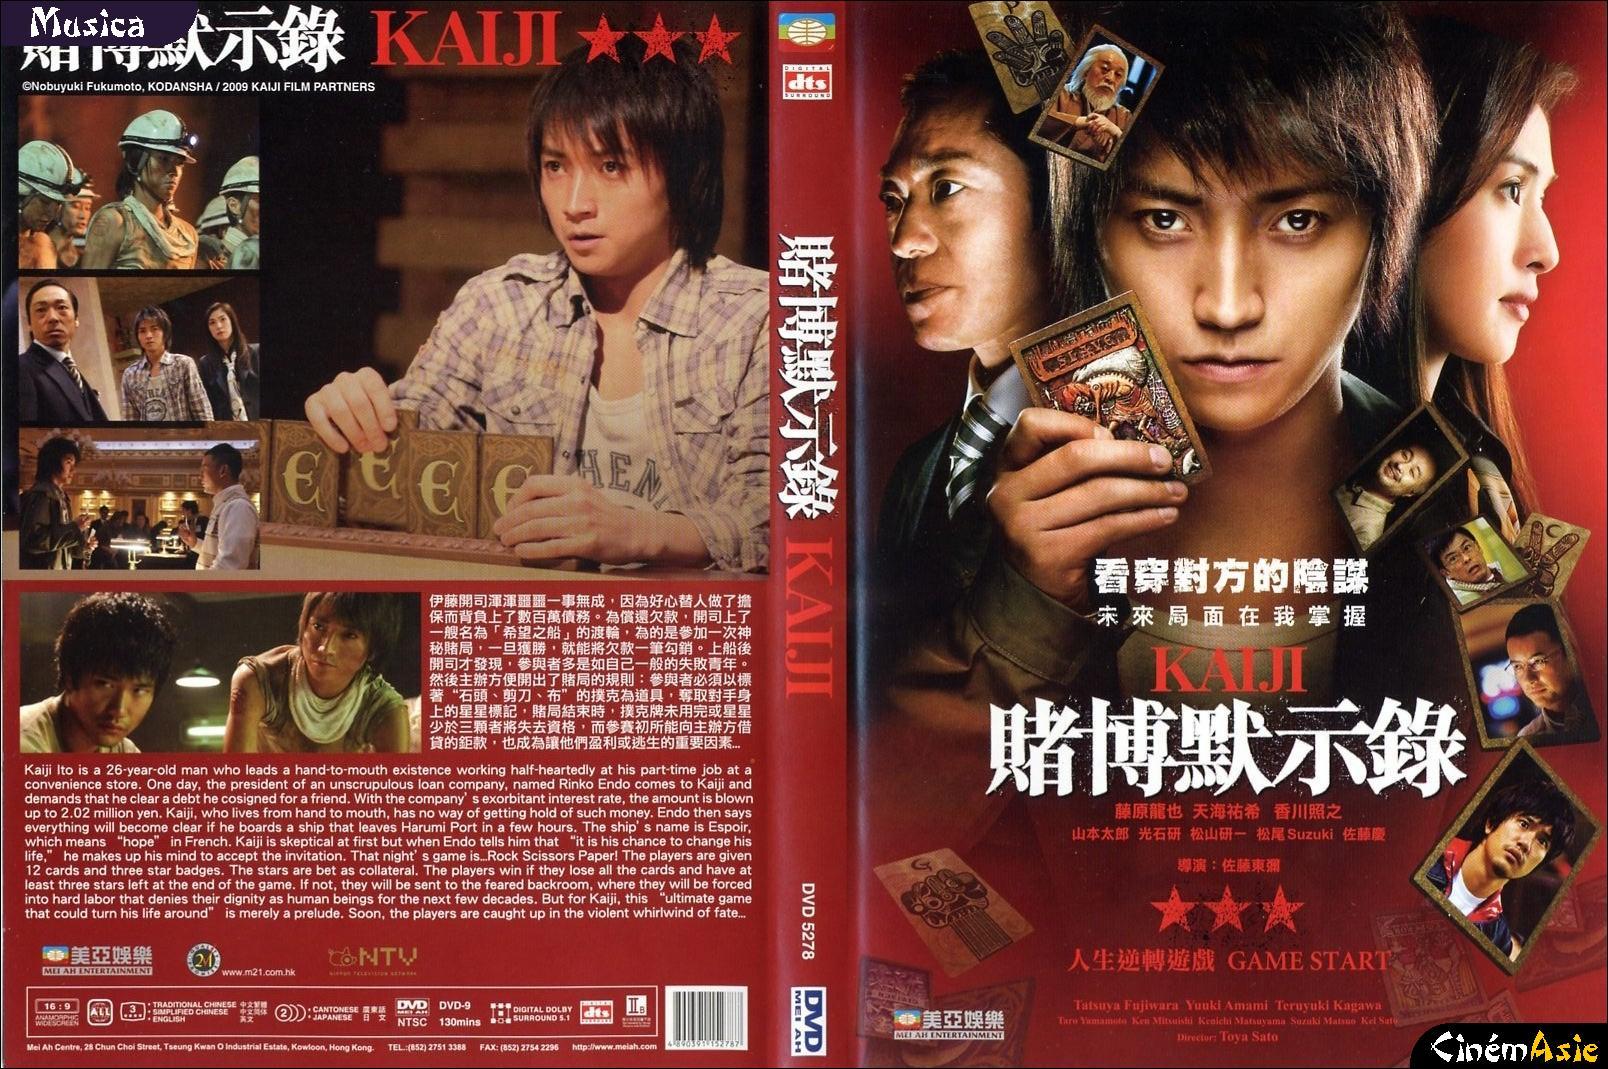 Kaiji gambling movie new jersey casino